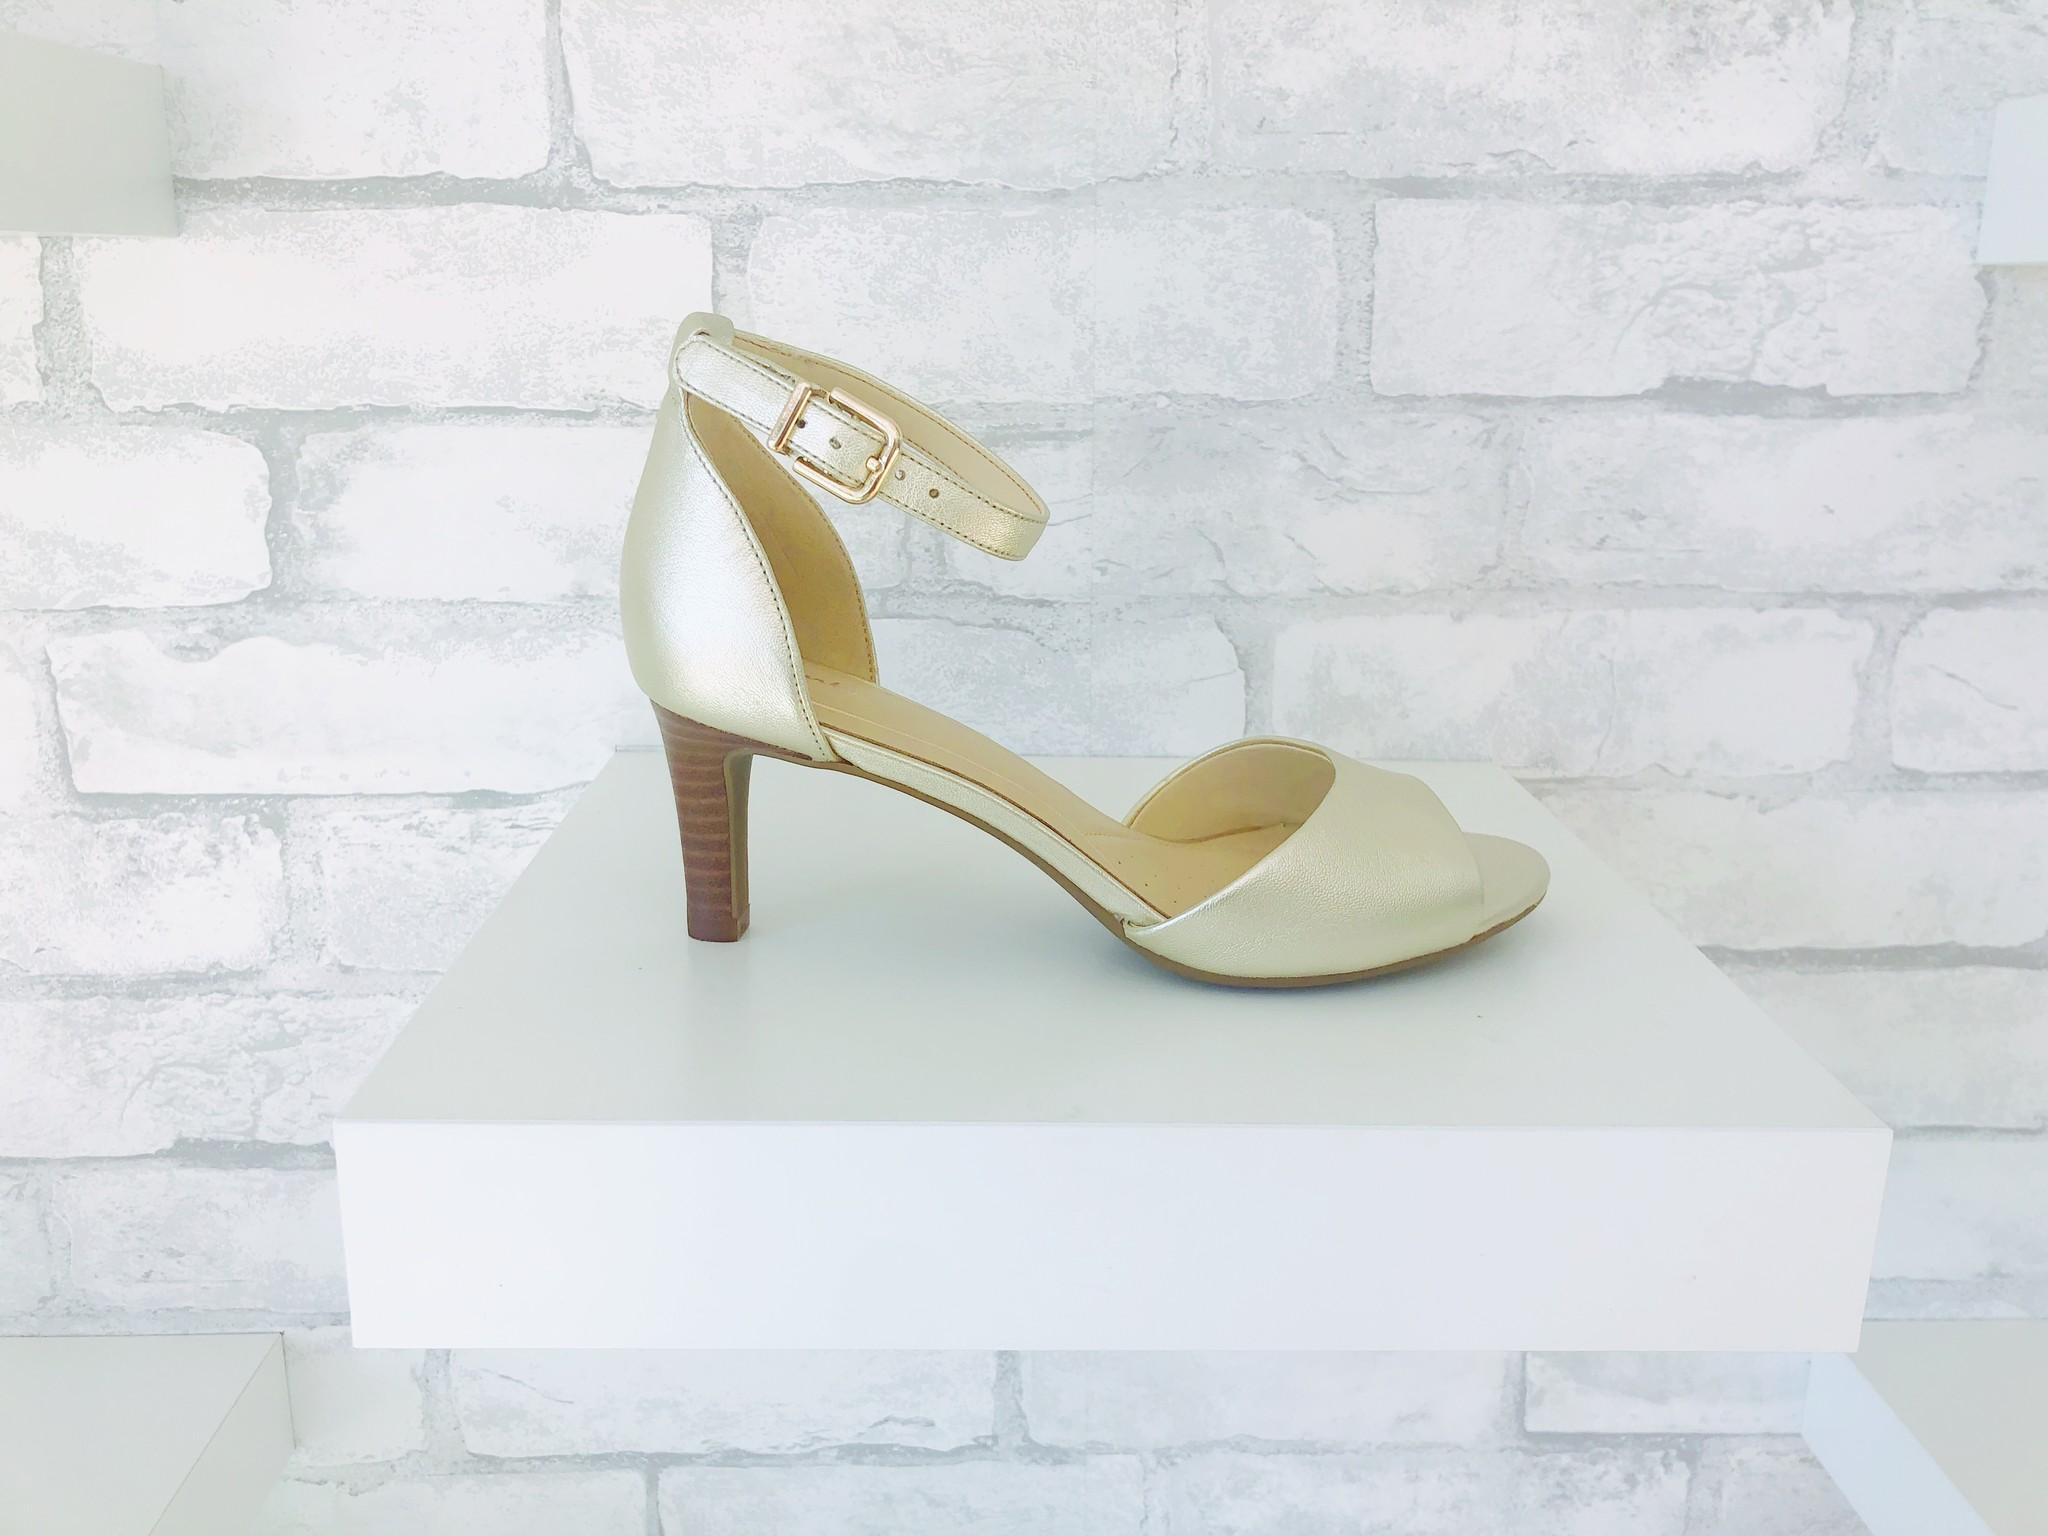 675a3901baeb Clarks Laureti Grace Heel Champagne - SOLE Shoes Inc.